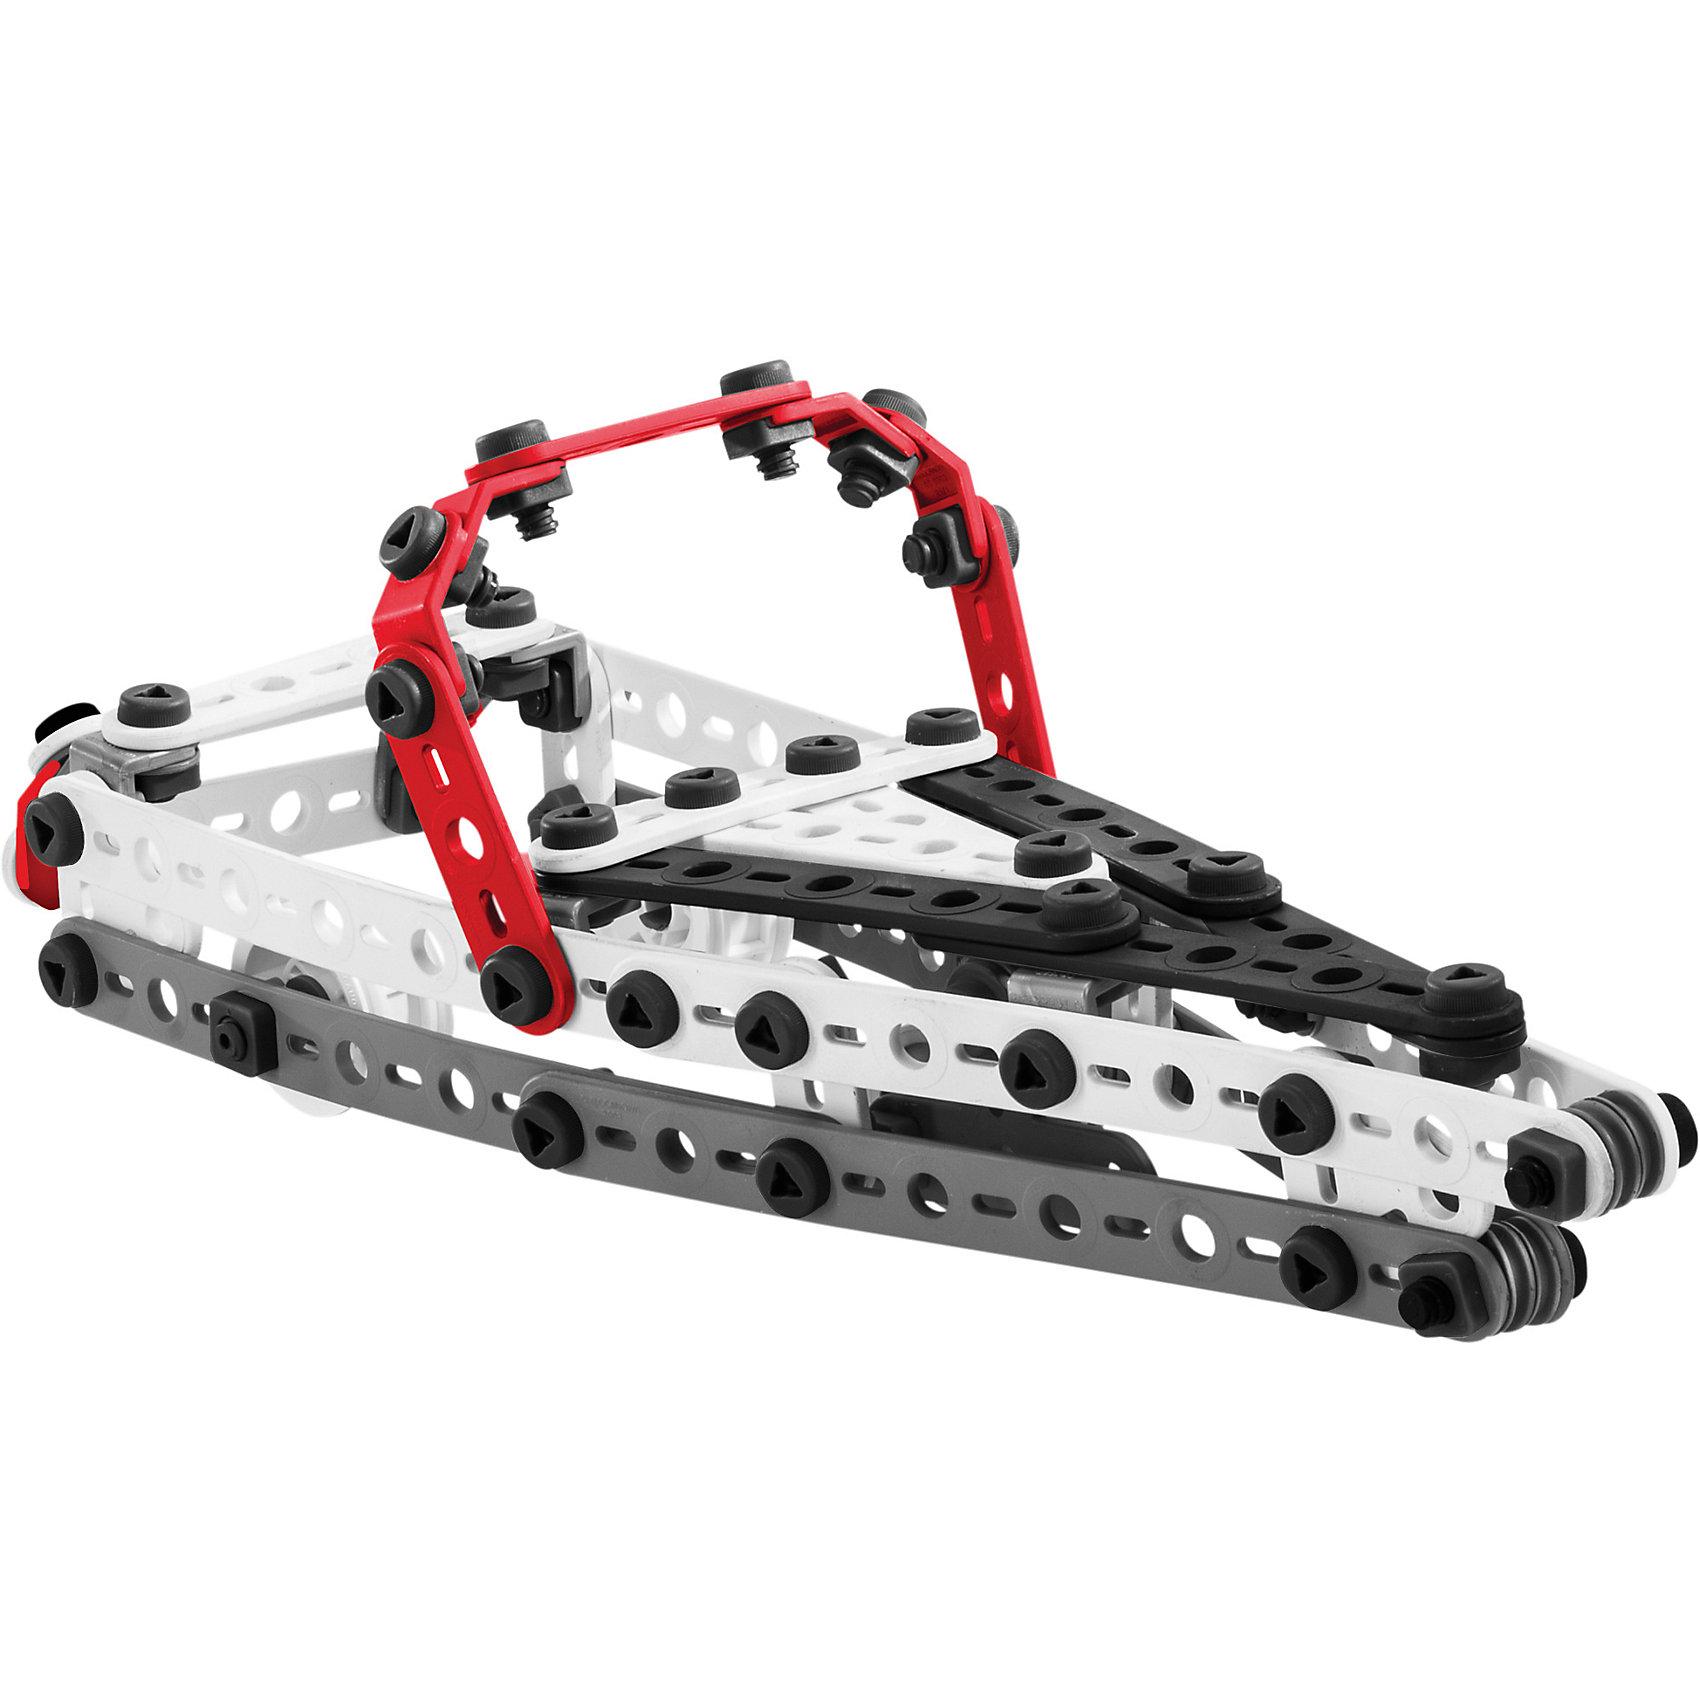 Быстроходный катер (10 моделей), MeccanoМеталлические конструкторы<br>Самый большой набор конструктора из серии Meccano Junior от Spin Master состоит из 150 деталей белого, чёрного, серого и красного цвета. В комплект входит инструкция, которая позволяет собрать одну из 10 базовых моделей и все необходимые инструменты: отвёртка с треугольным жалом и гаечный ключ. Все детали конструктора отлиты из высококачественной пластмассы, абсолютно безопасной для детей. Конструктор поставляется в удобной для хранения упаковки в форме ведёрка.<br><br>Дополнительная информация:<br><br>- Материал: пластик, резина.<br>- Проста сборки и разборки.<br>- Удобная и практичная упаковка. <br>- Размер упаковки: 29х20х30 см.<br>- Количество деталей: 150.<br><br>Быстроходный катер (10 моделей), Meccano (Меккано), можно купить в нашем магазине.<br><br>Ширина мм: 290<br>Глубина мм: 200<br>Высота мм: 300<br>Вес г: 1538<br>Возраст от месяцев: 60<br>Возраст до месяцев: 144<br>Пол: Мужской<br>Возраст: Детский<br>SKU: 4278448